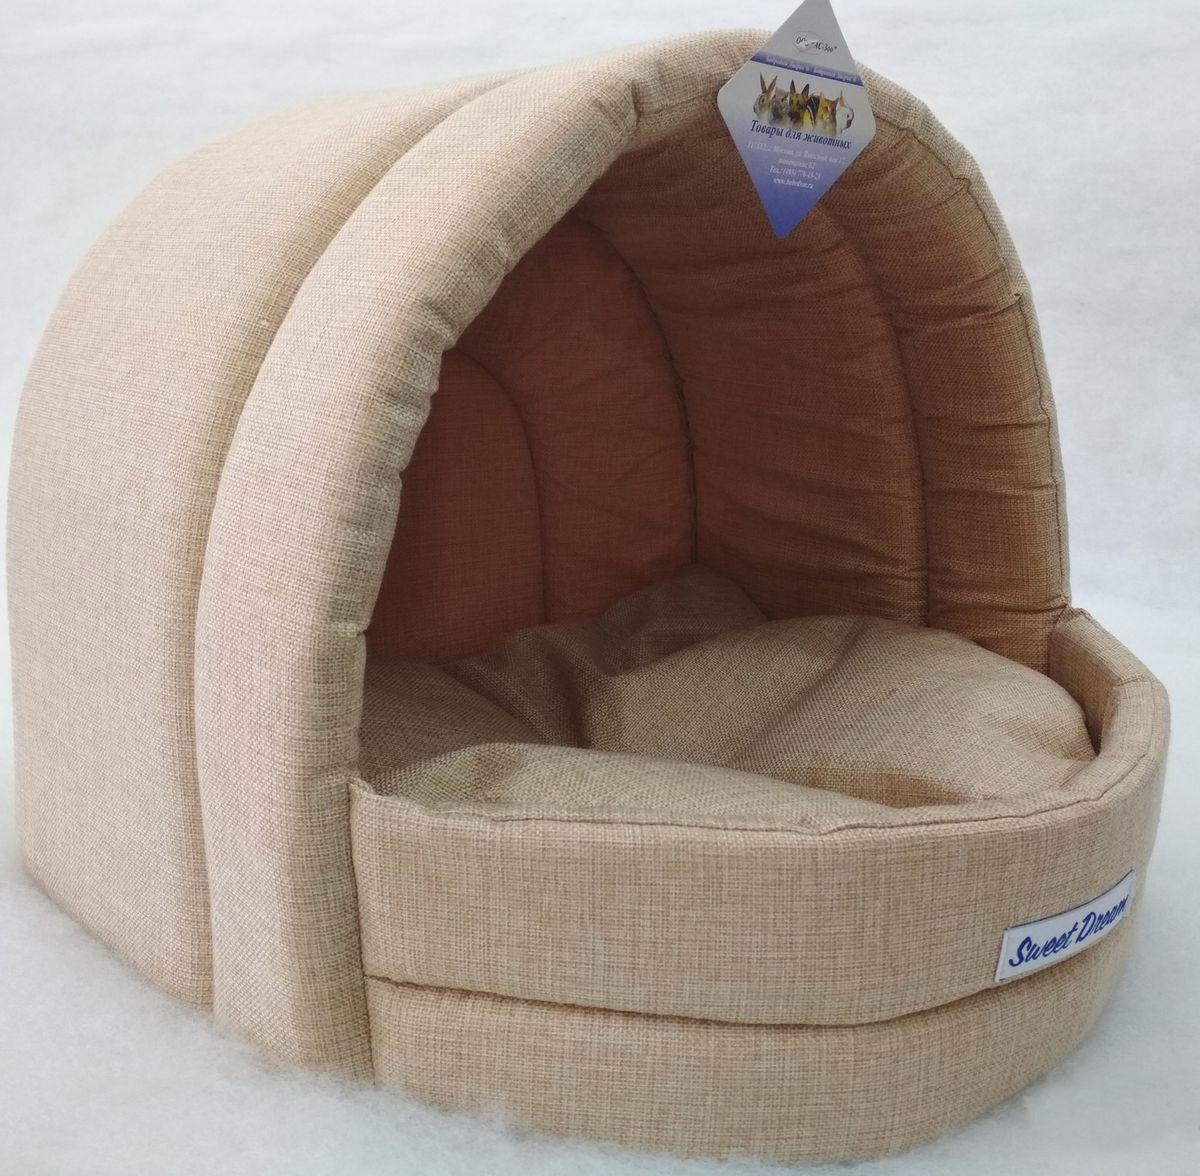 Домик для кошек и собак Бобровый Дворик Сладкий сон №1 эстрада, бежевый, 41x36x30см